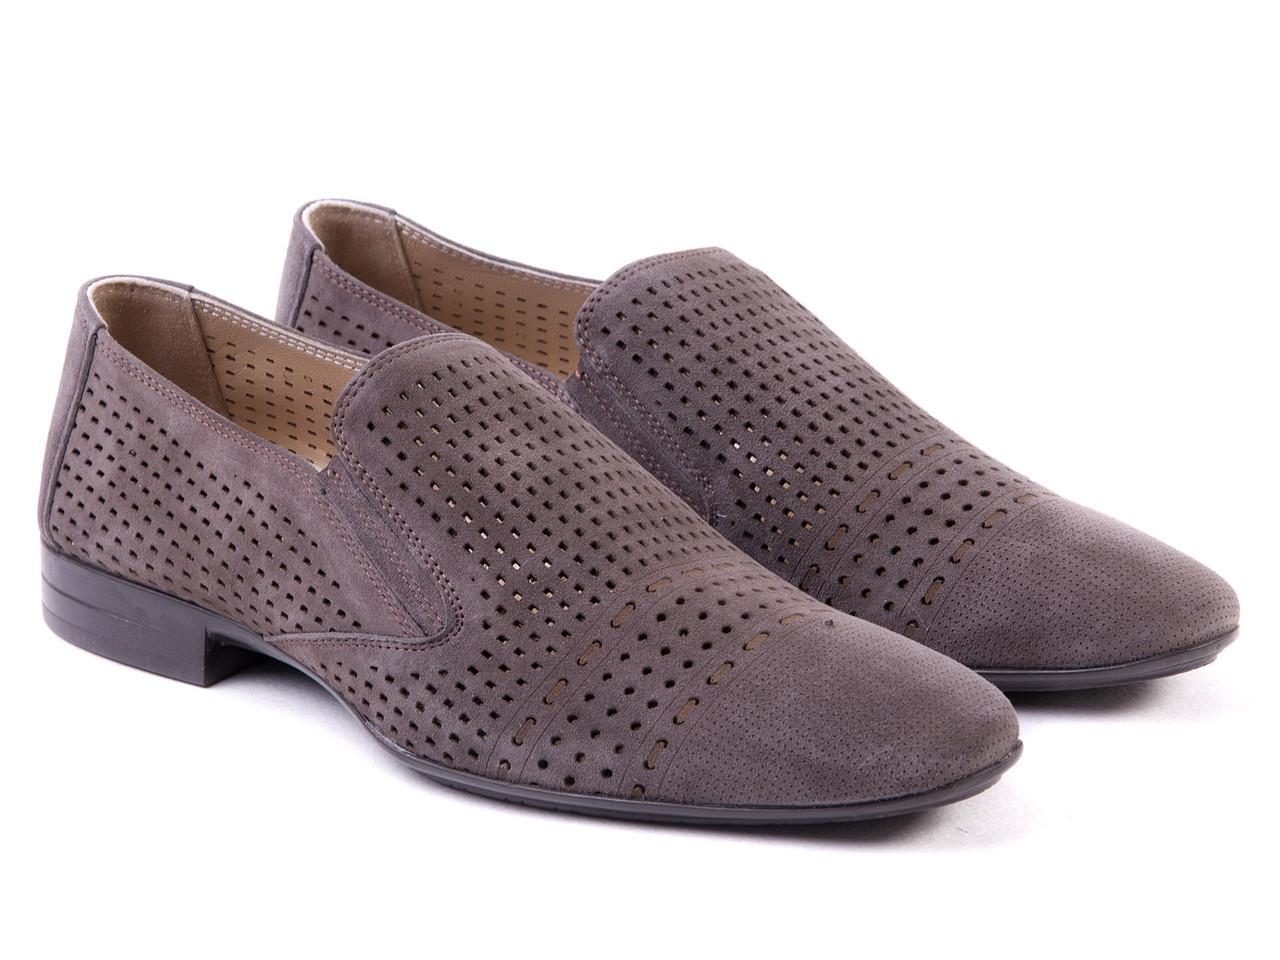 Туфли Etor 11496-7118-16530 44 серые